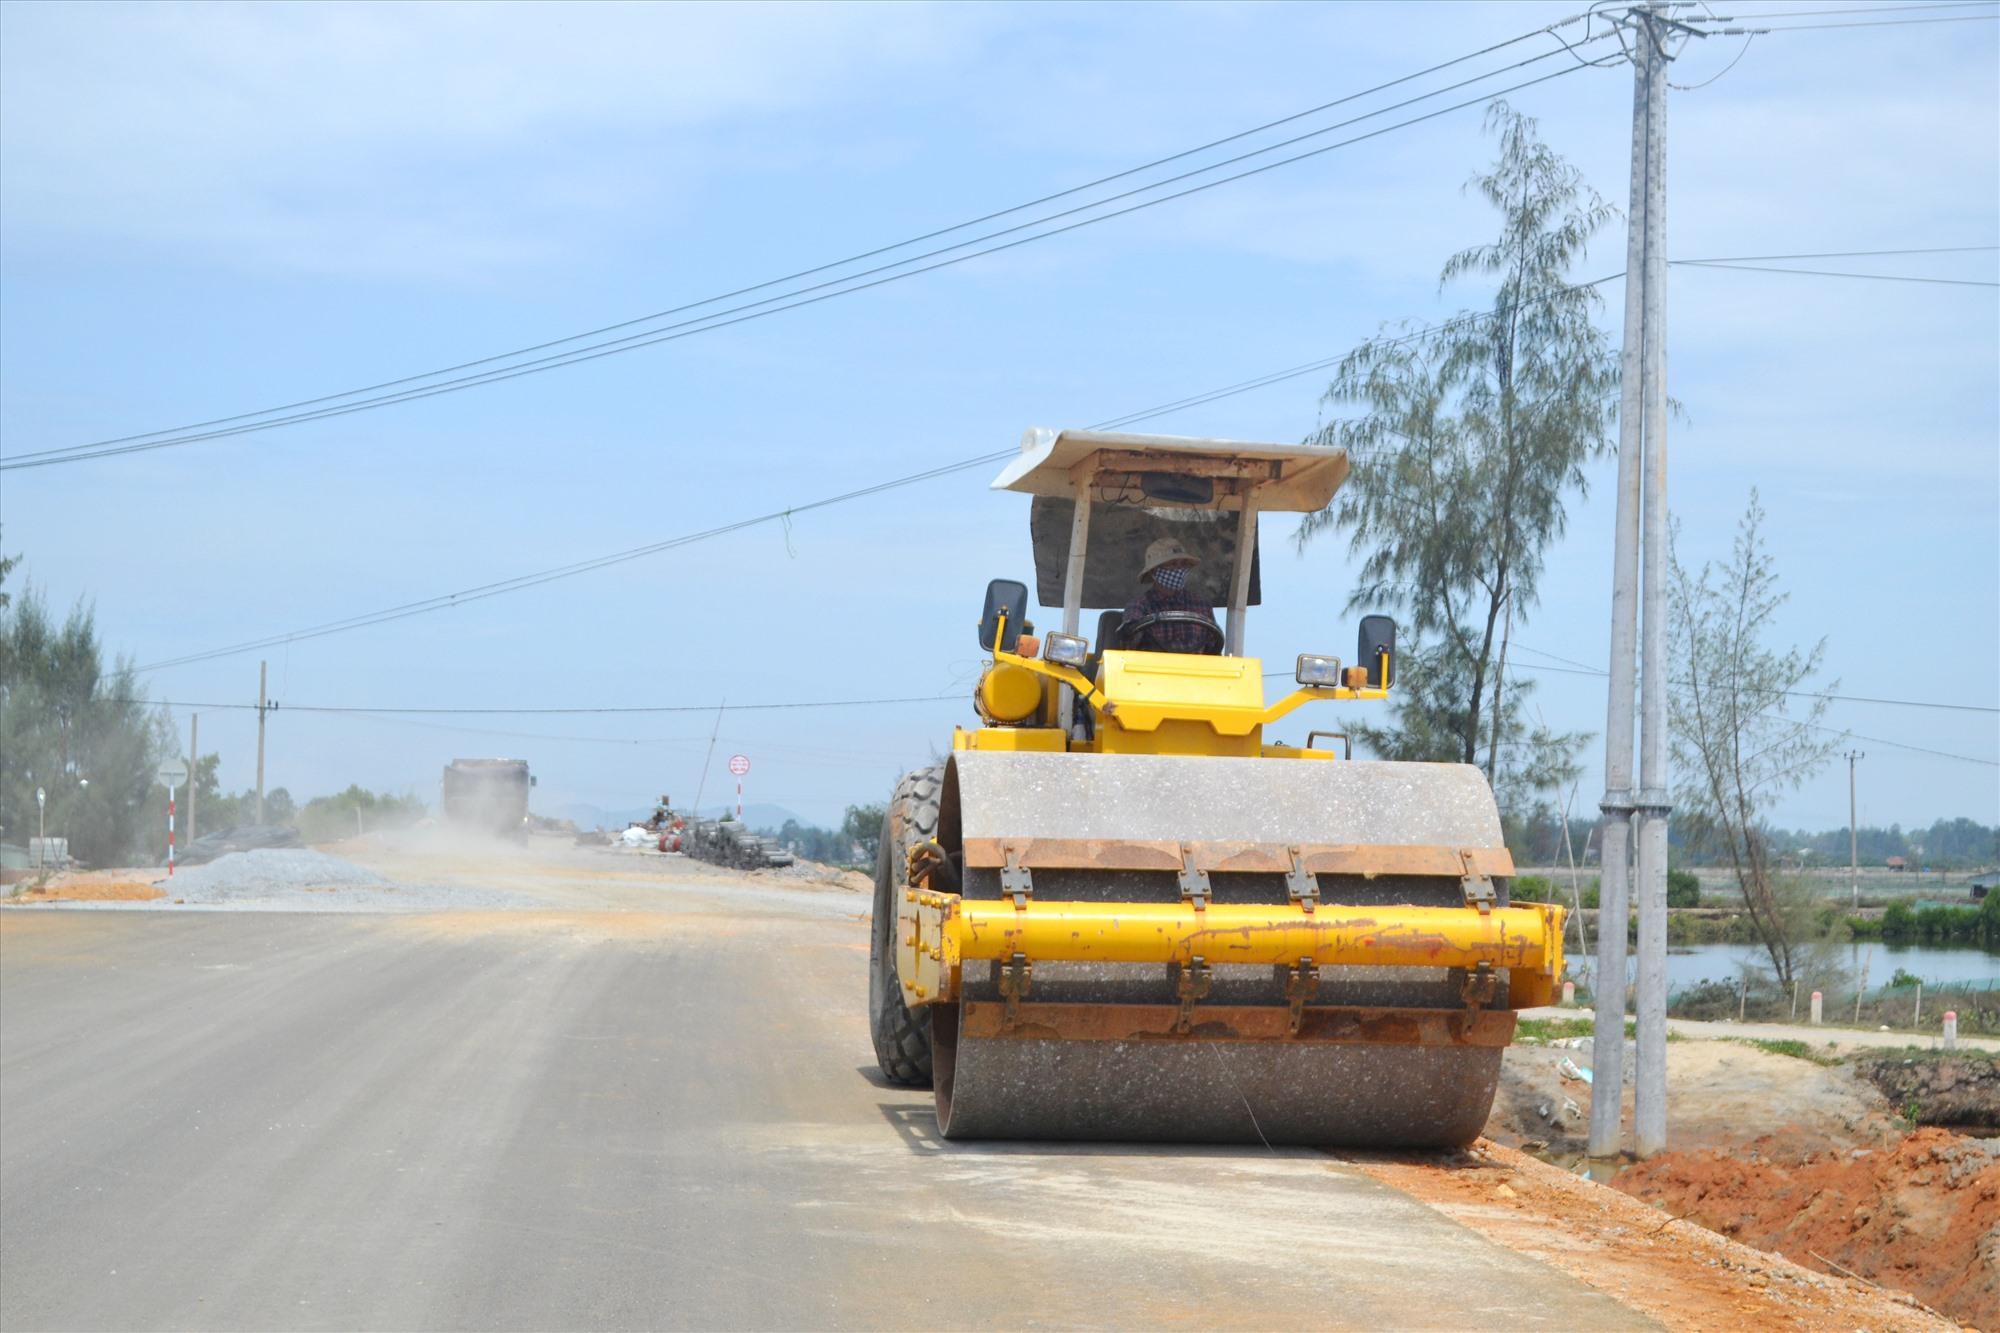 Lu lèn lề đất của tuyến đường đã hoàn thành thảm bê tông nhựa. Ảnh: CT